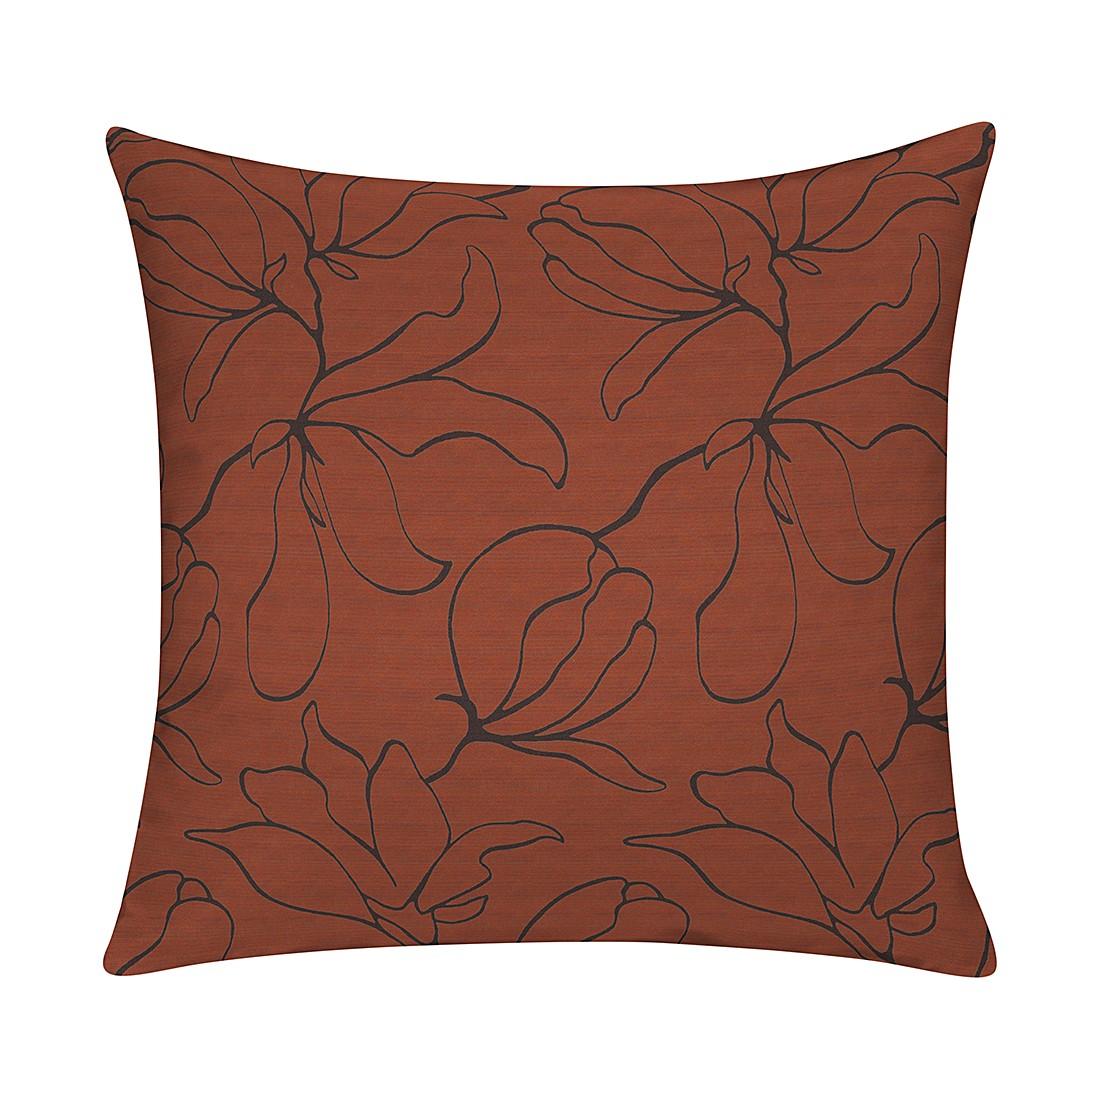 Home 24 - Housse de coussins magnolia - orange chemin de table magnolia - orange 49 x 49 cm, apelt